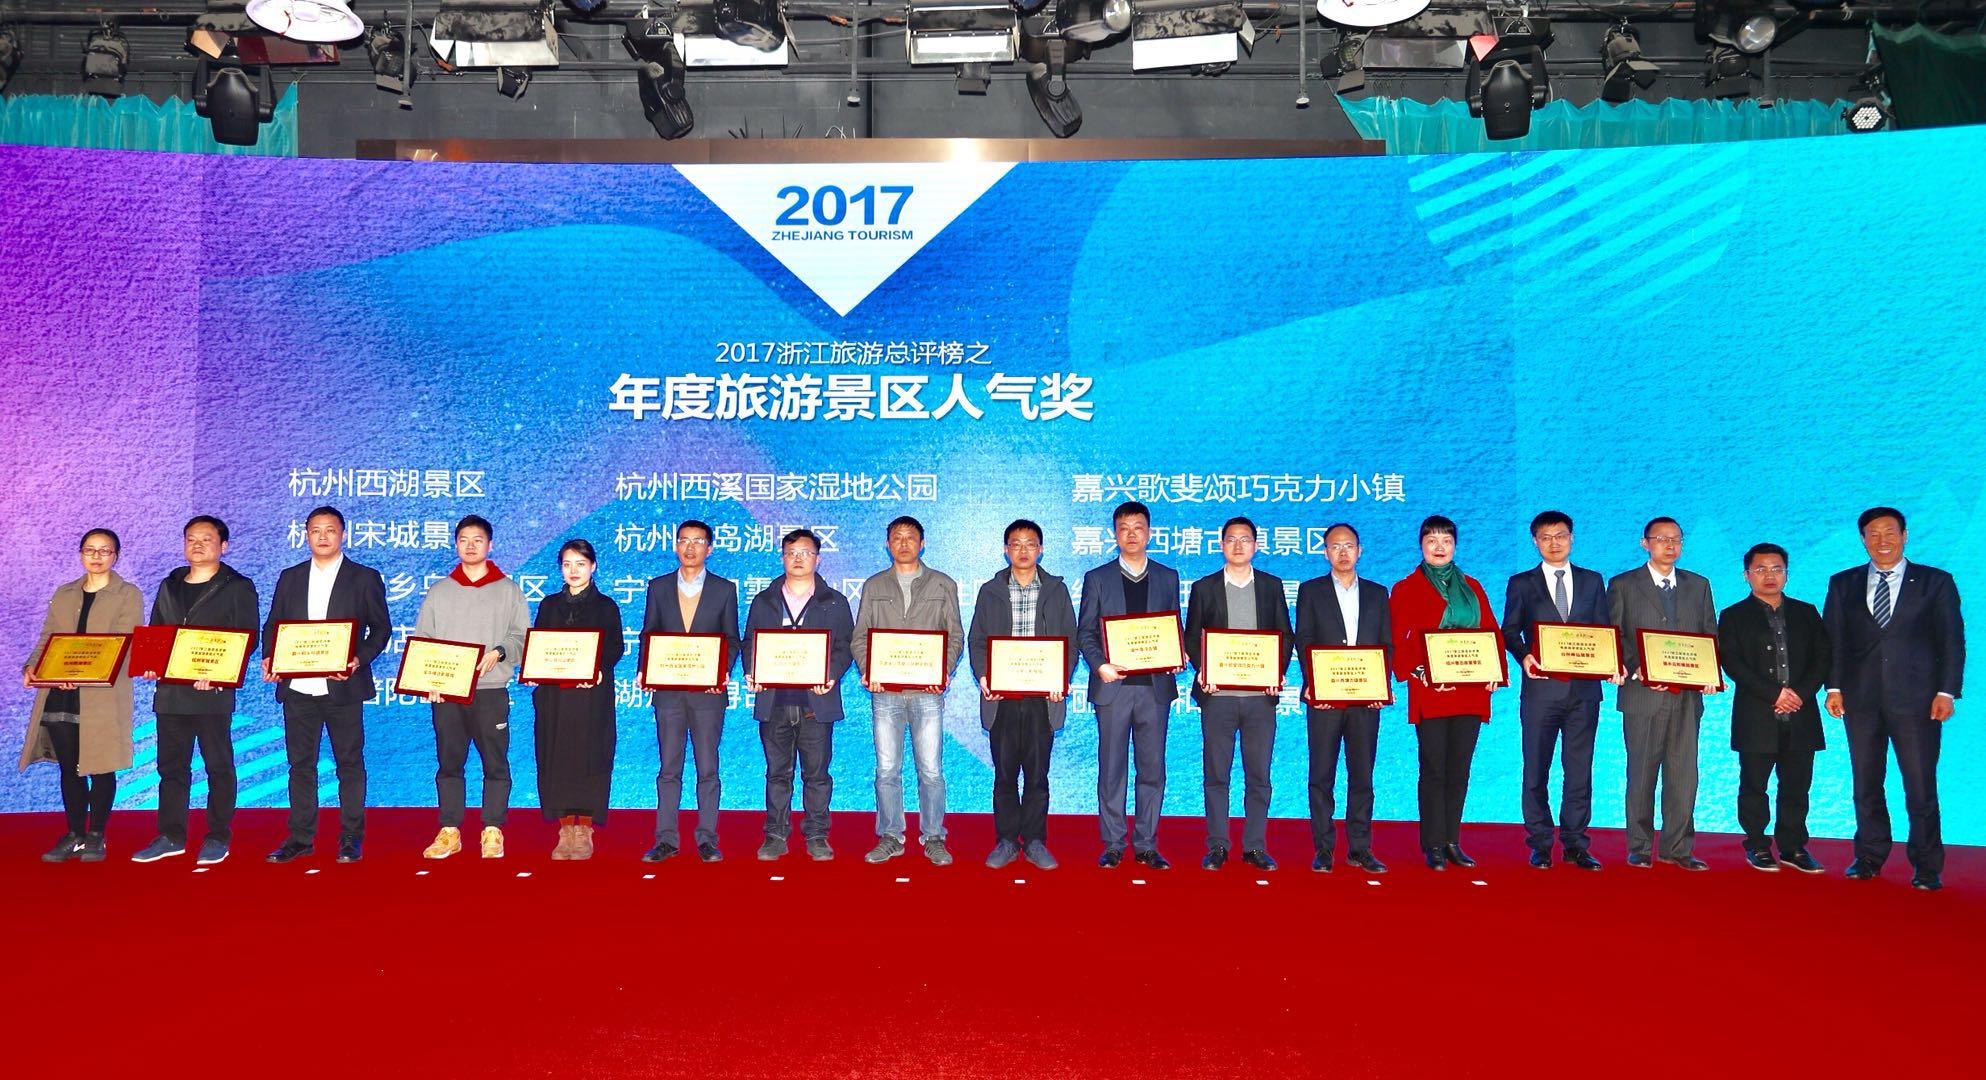 """南浔古镇荣获""""2017浙江旅游总评榜年度旅游景区人气奖"""""""